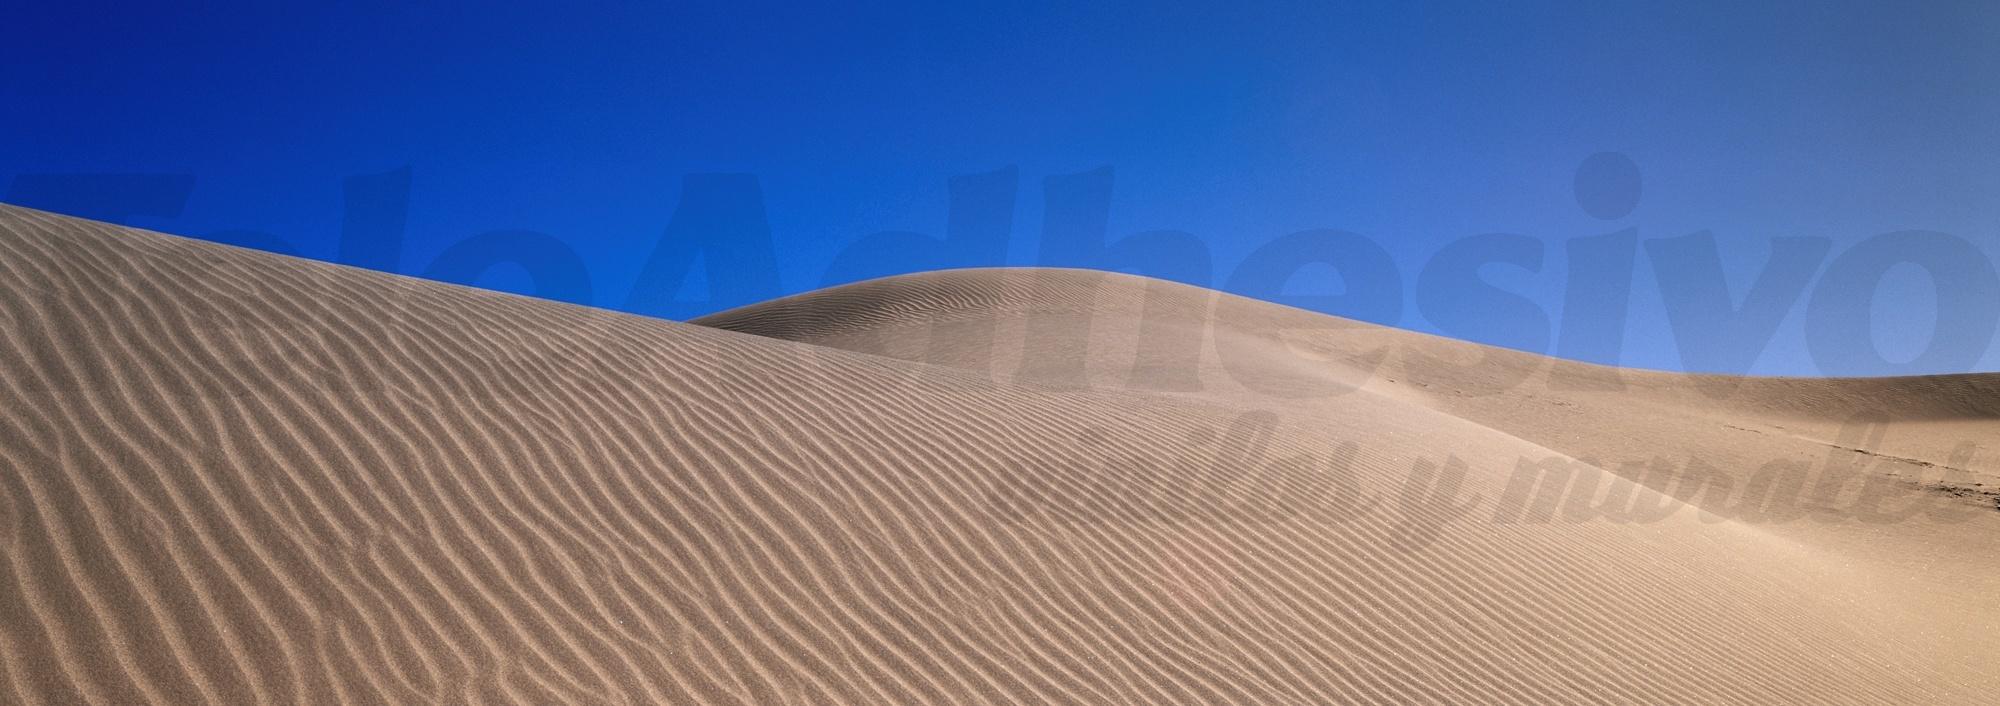 Vinilo adhesivo con la imagen de un desierto. Fotomural.